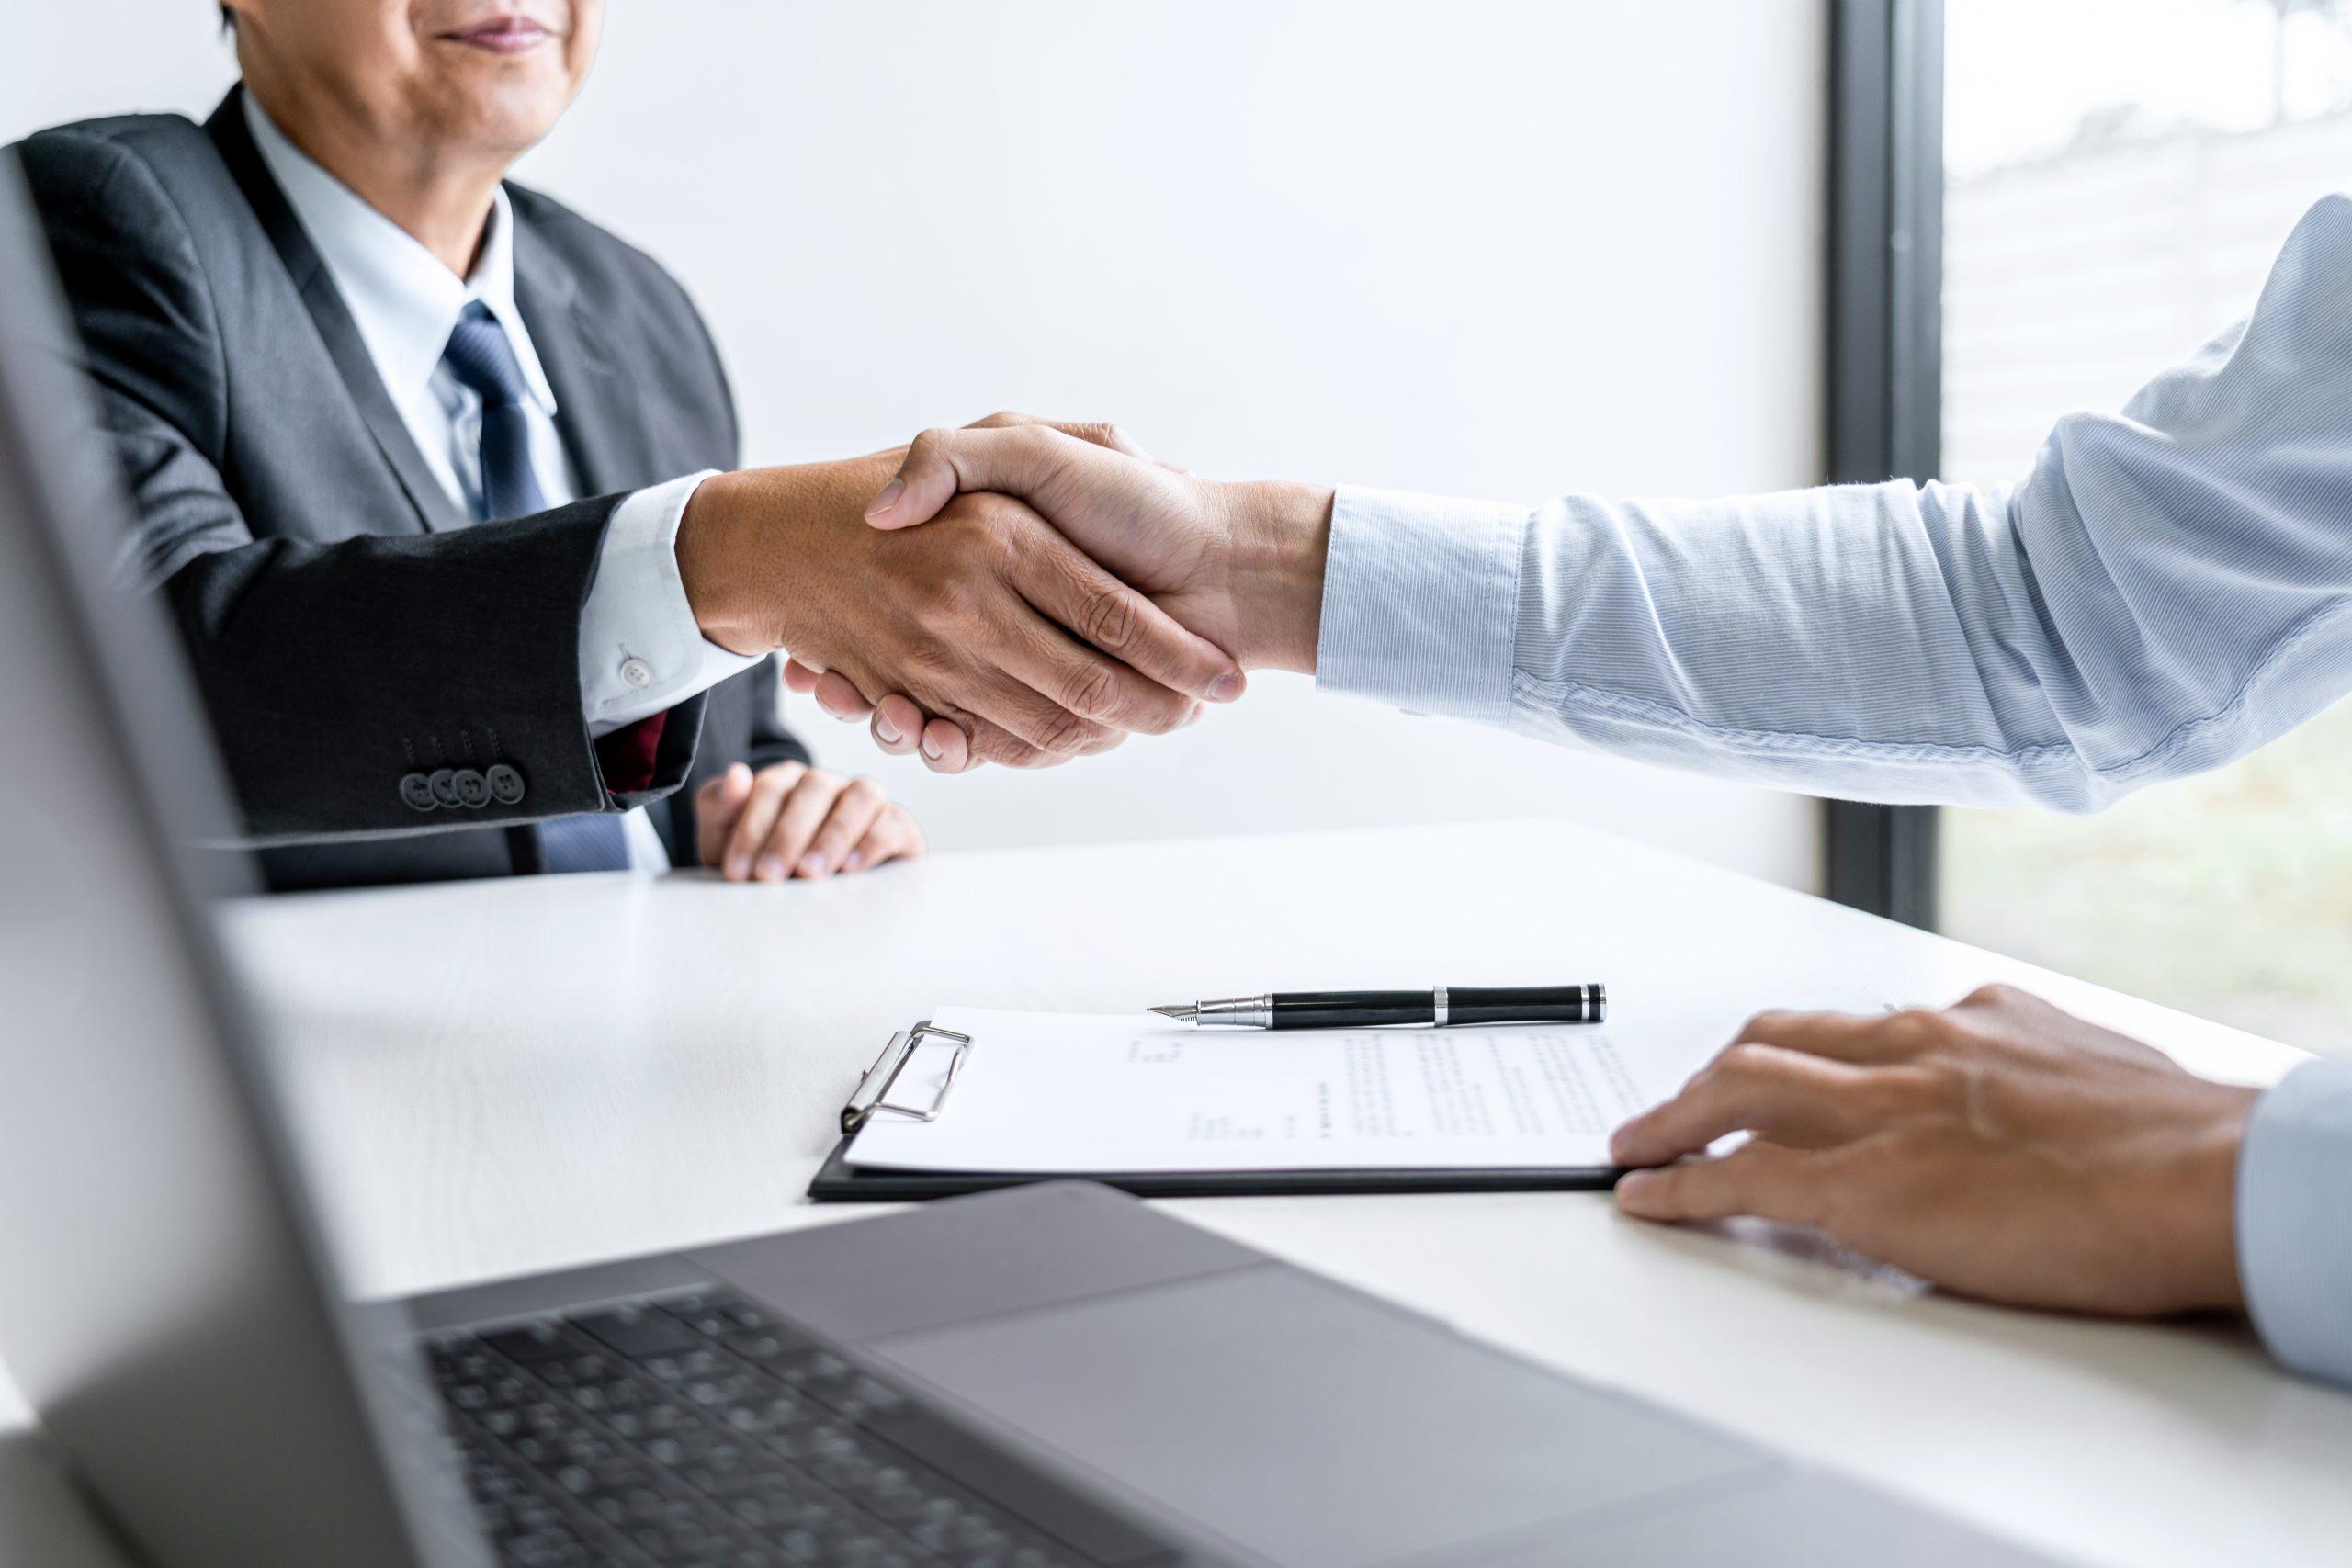 Twee mensen geven elkaar een hand na het tekenen van een overeenkomst